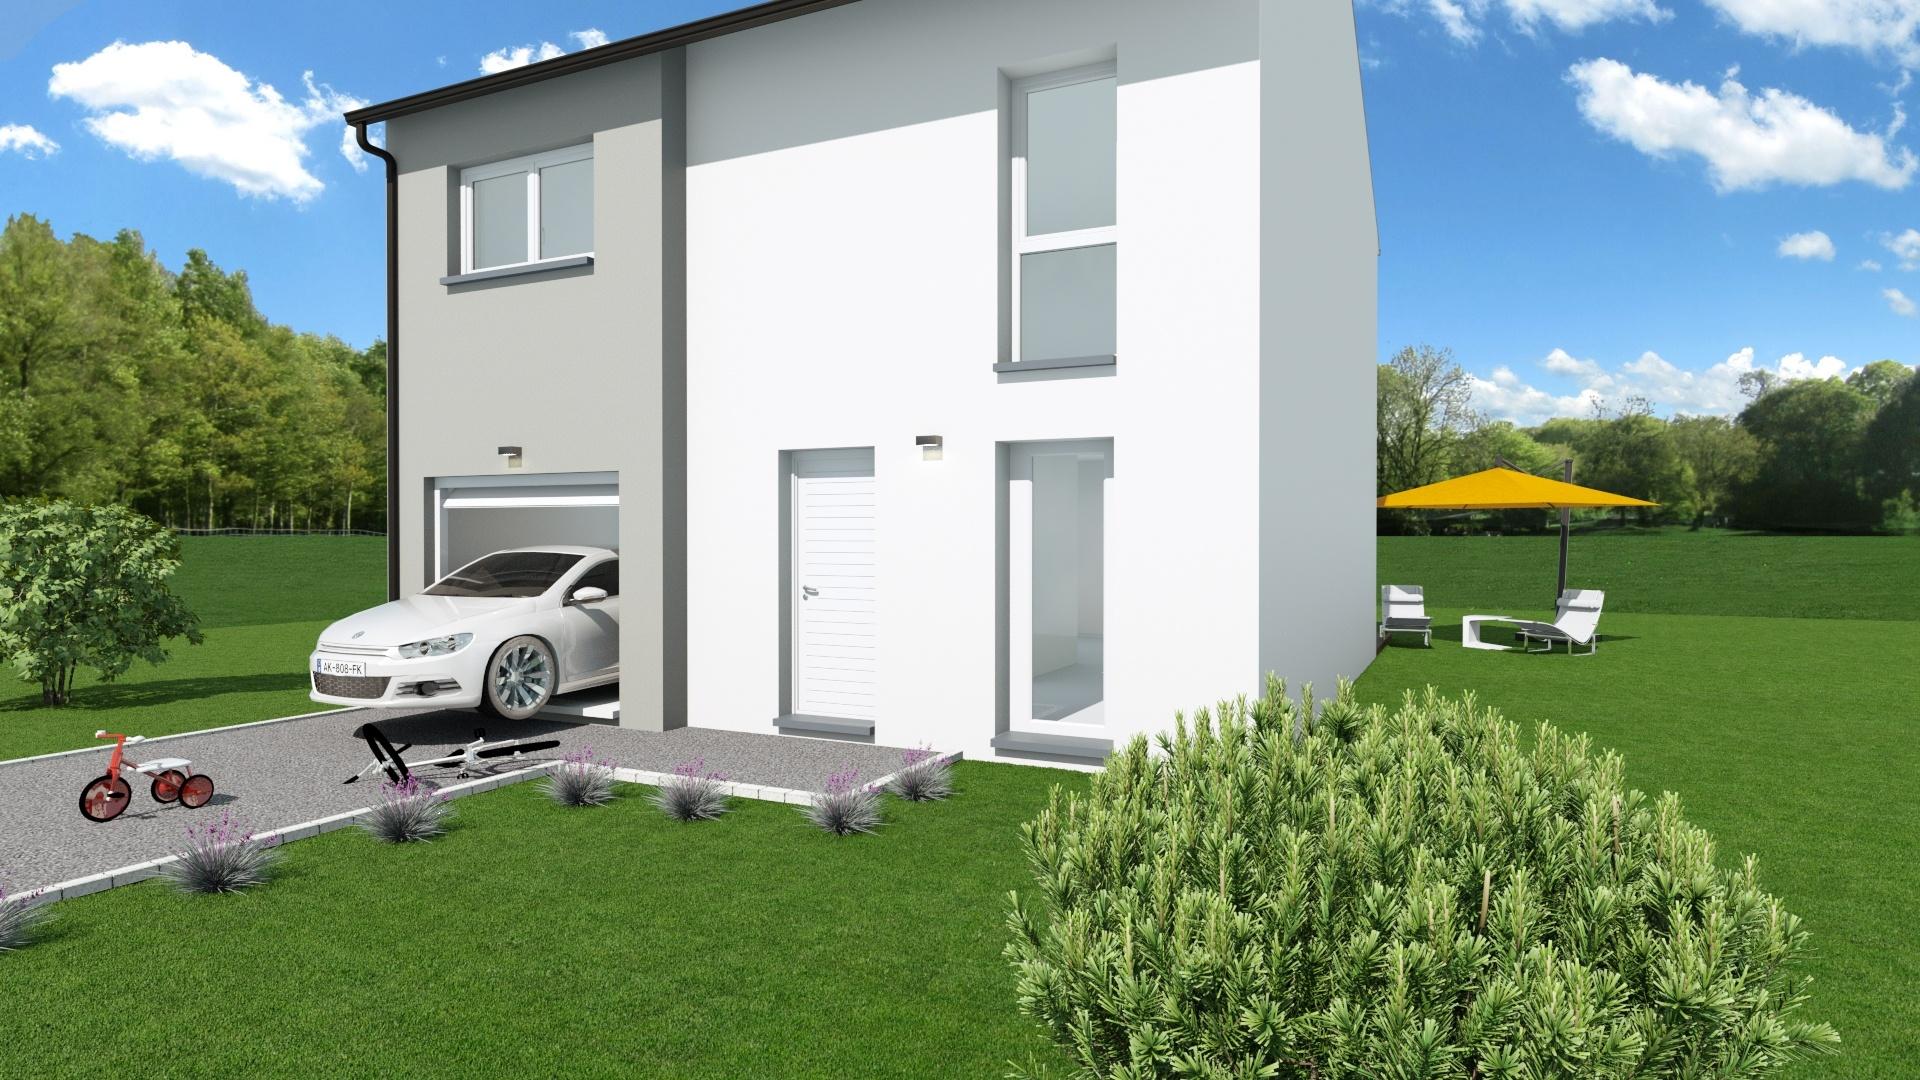 Maisons + Terrains du constructeur MAISON EUREKA • 90 m² • ANNOEULLIN